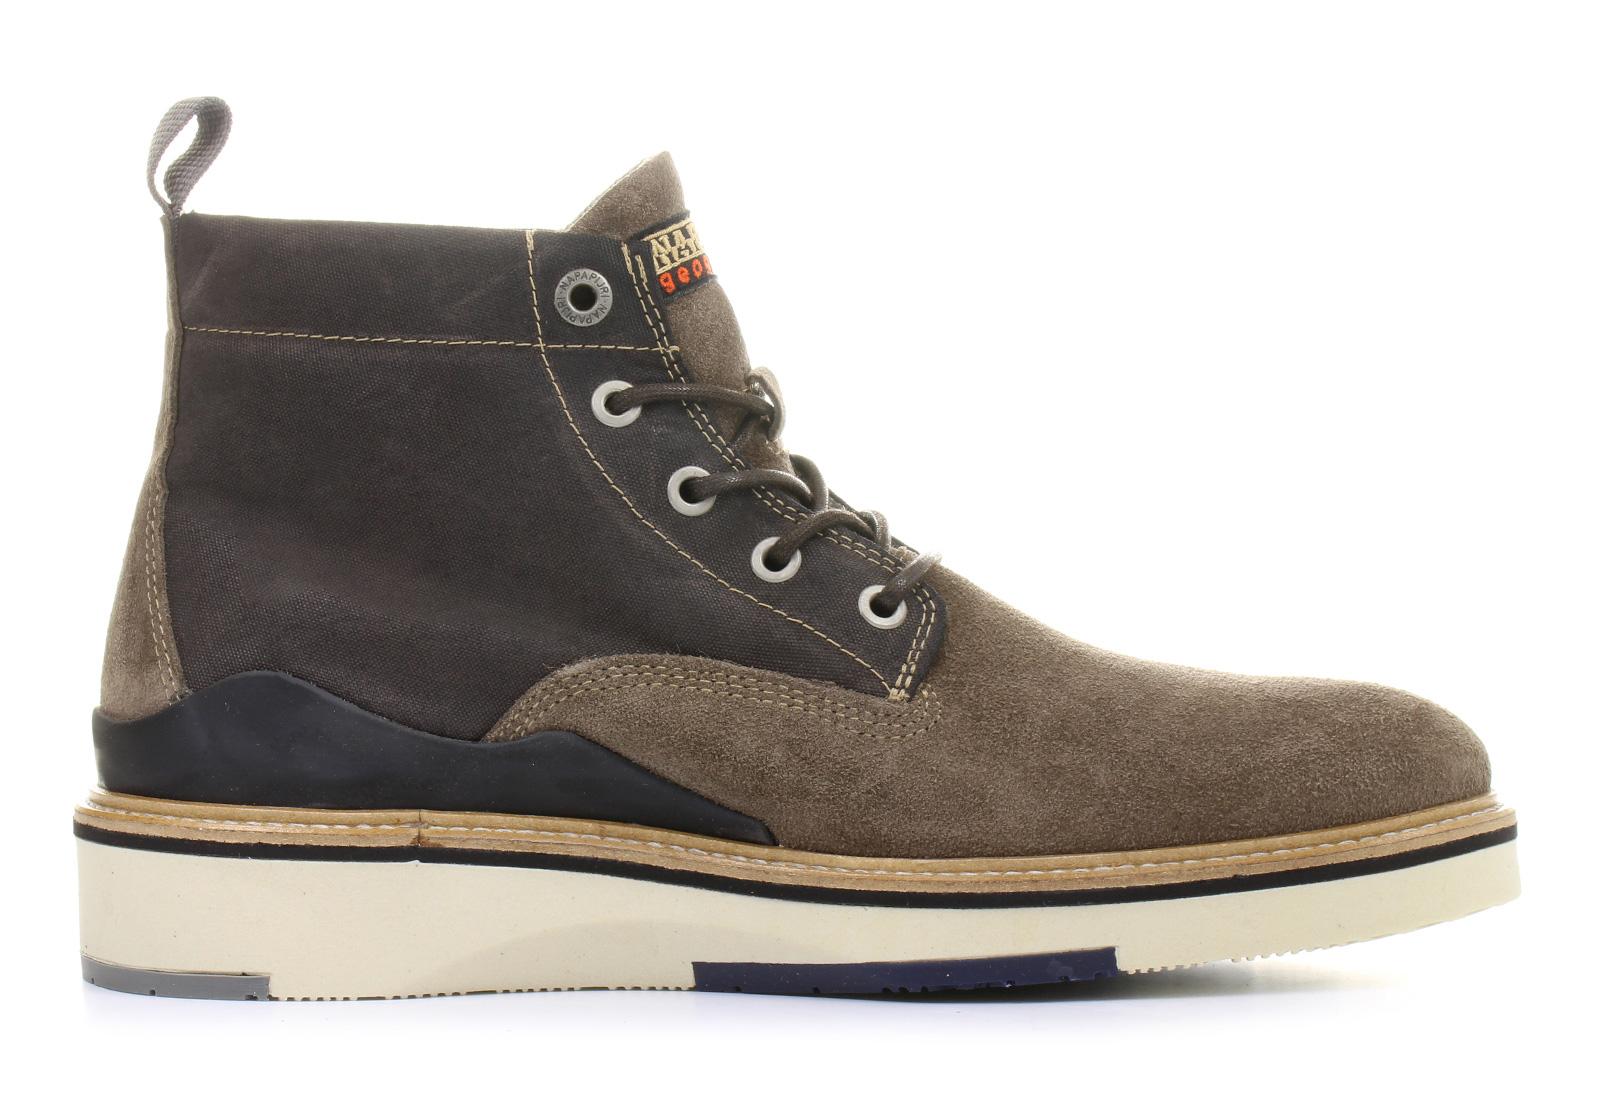 Napapijri Shoes - C4 - 13843515-N10 - Online shop for ...